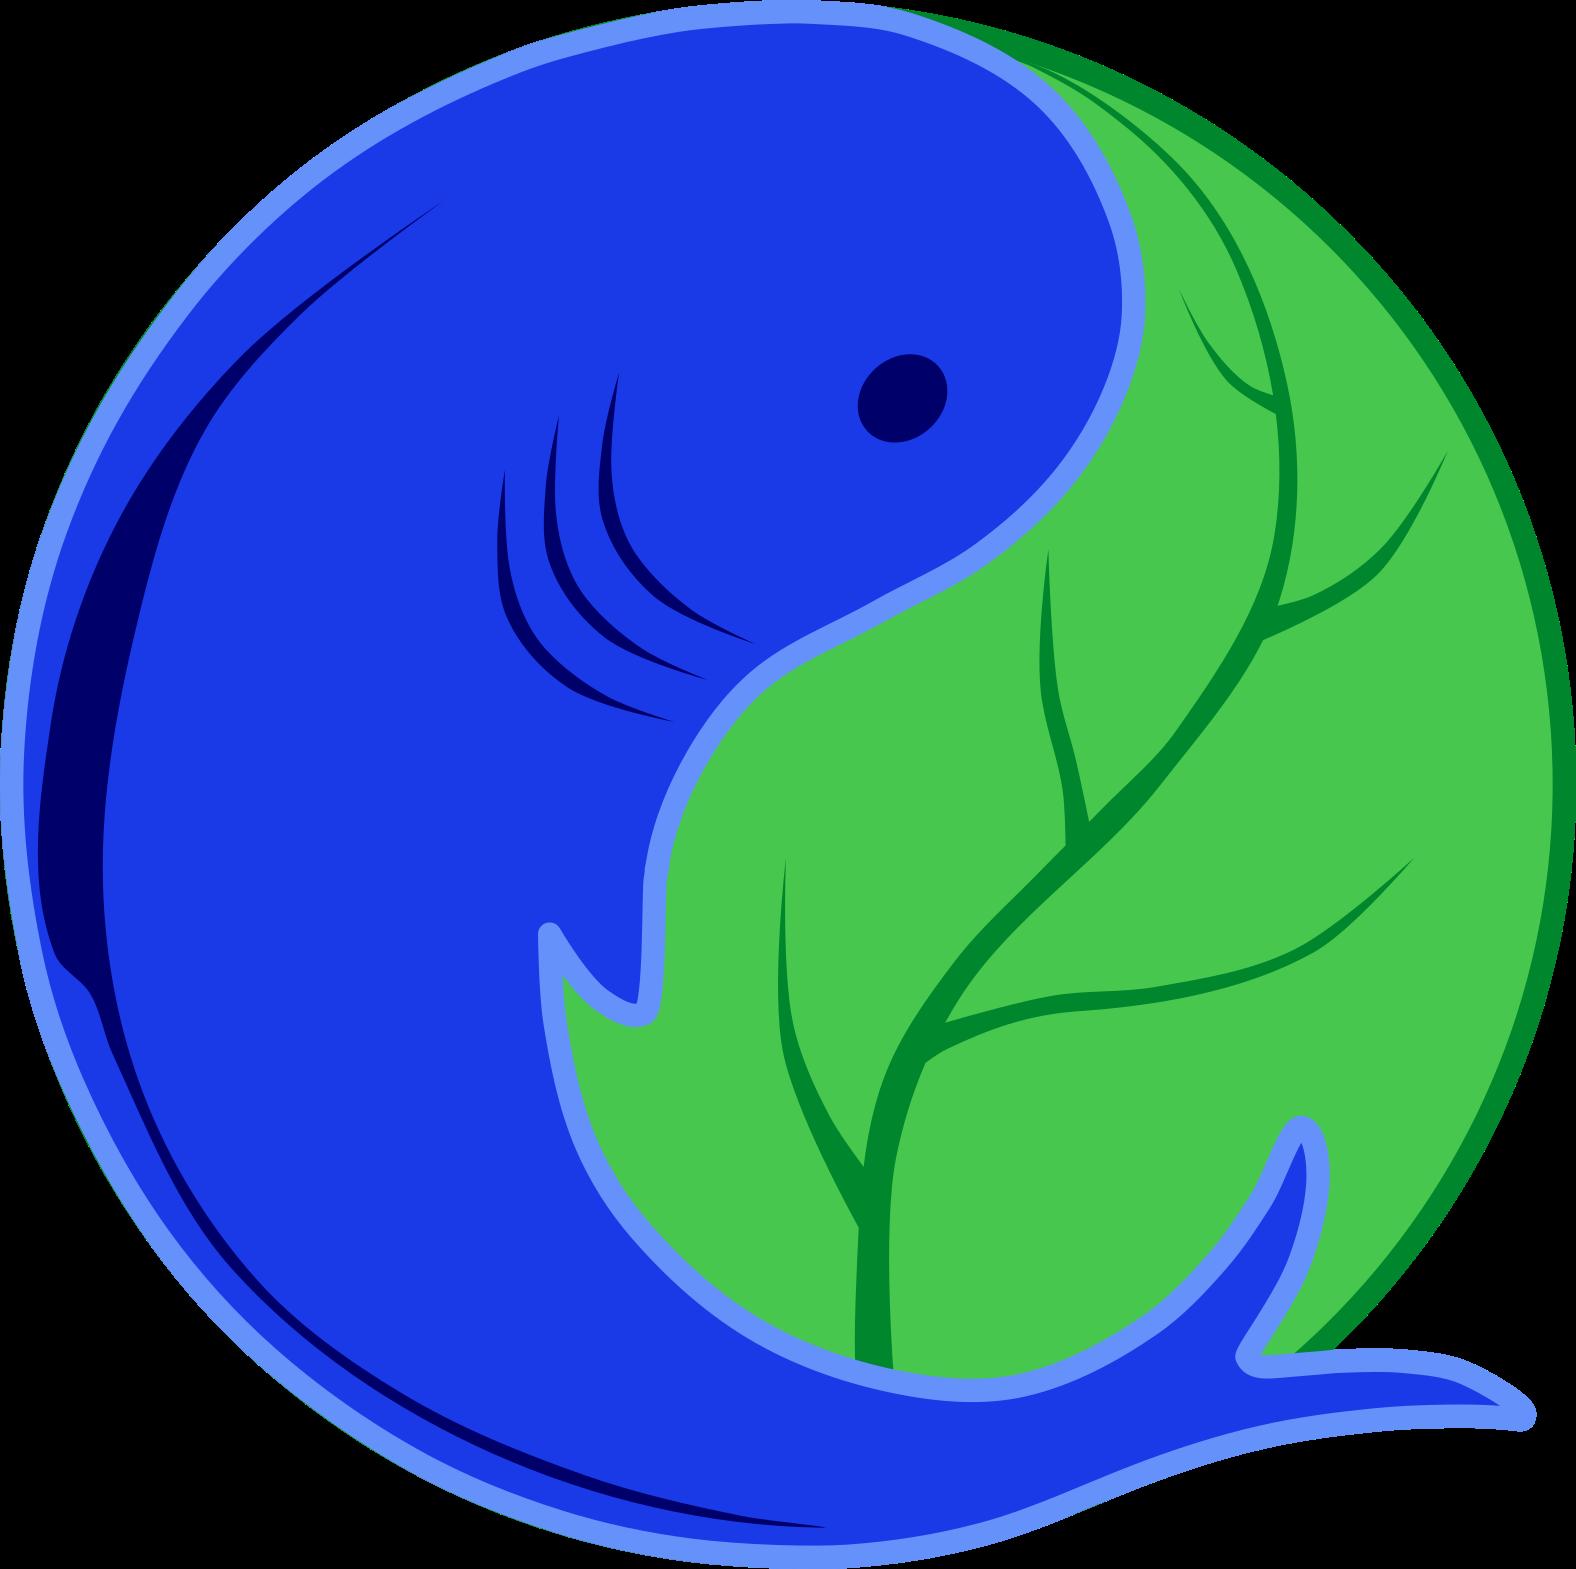 logo, no text.png